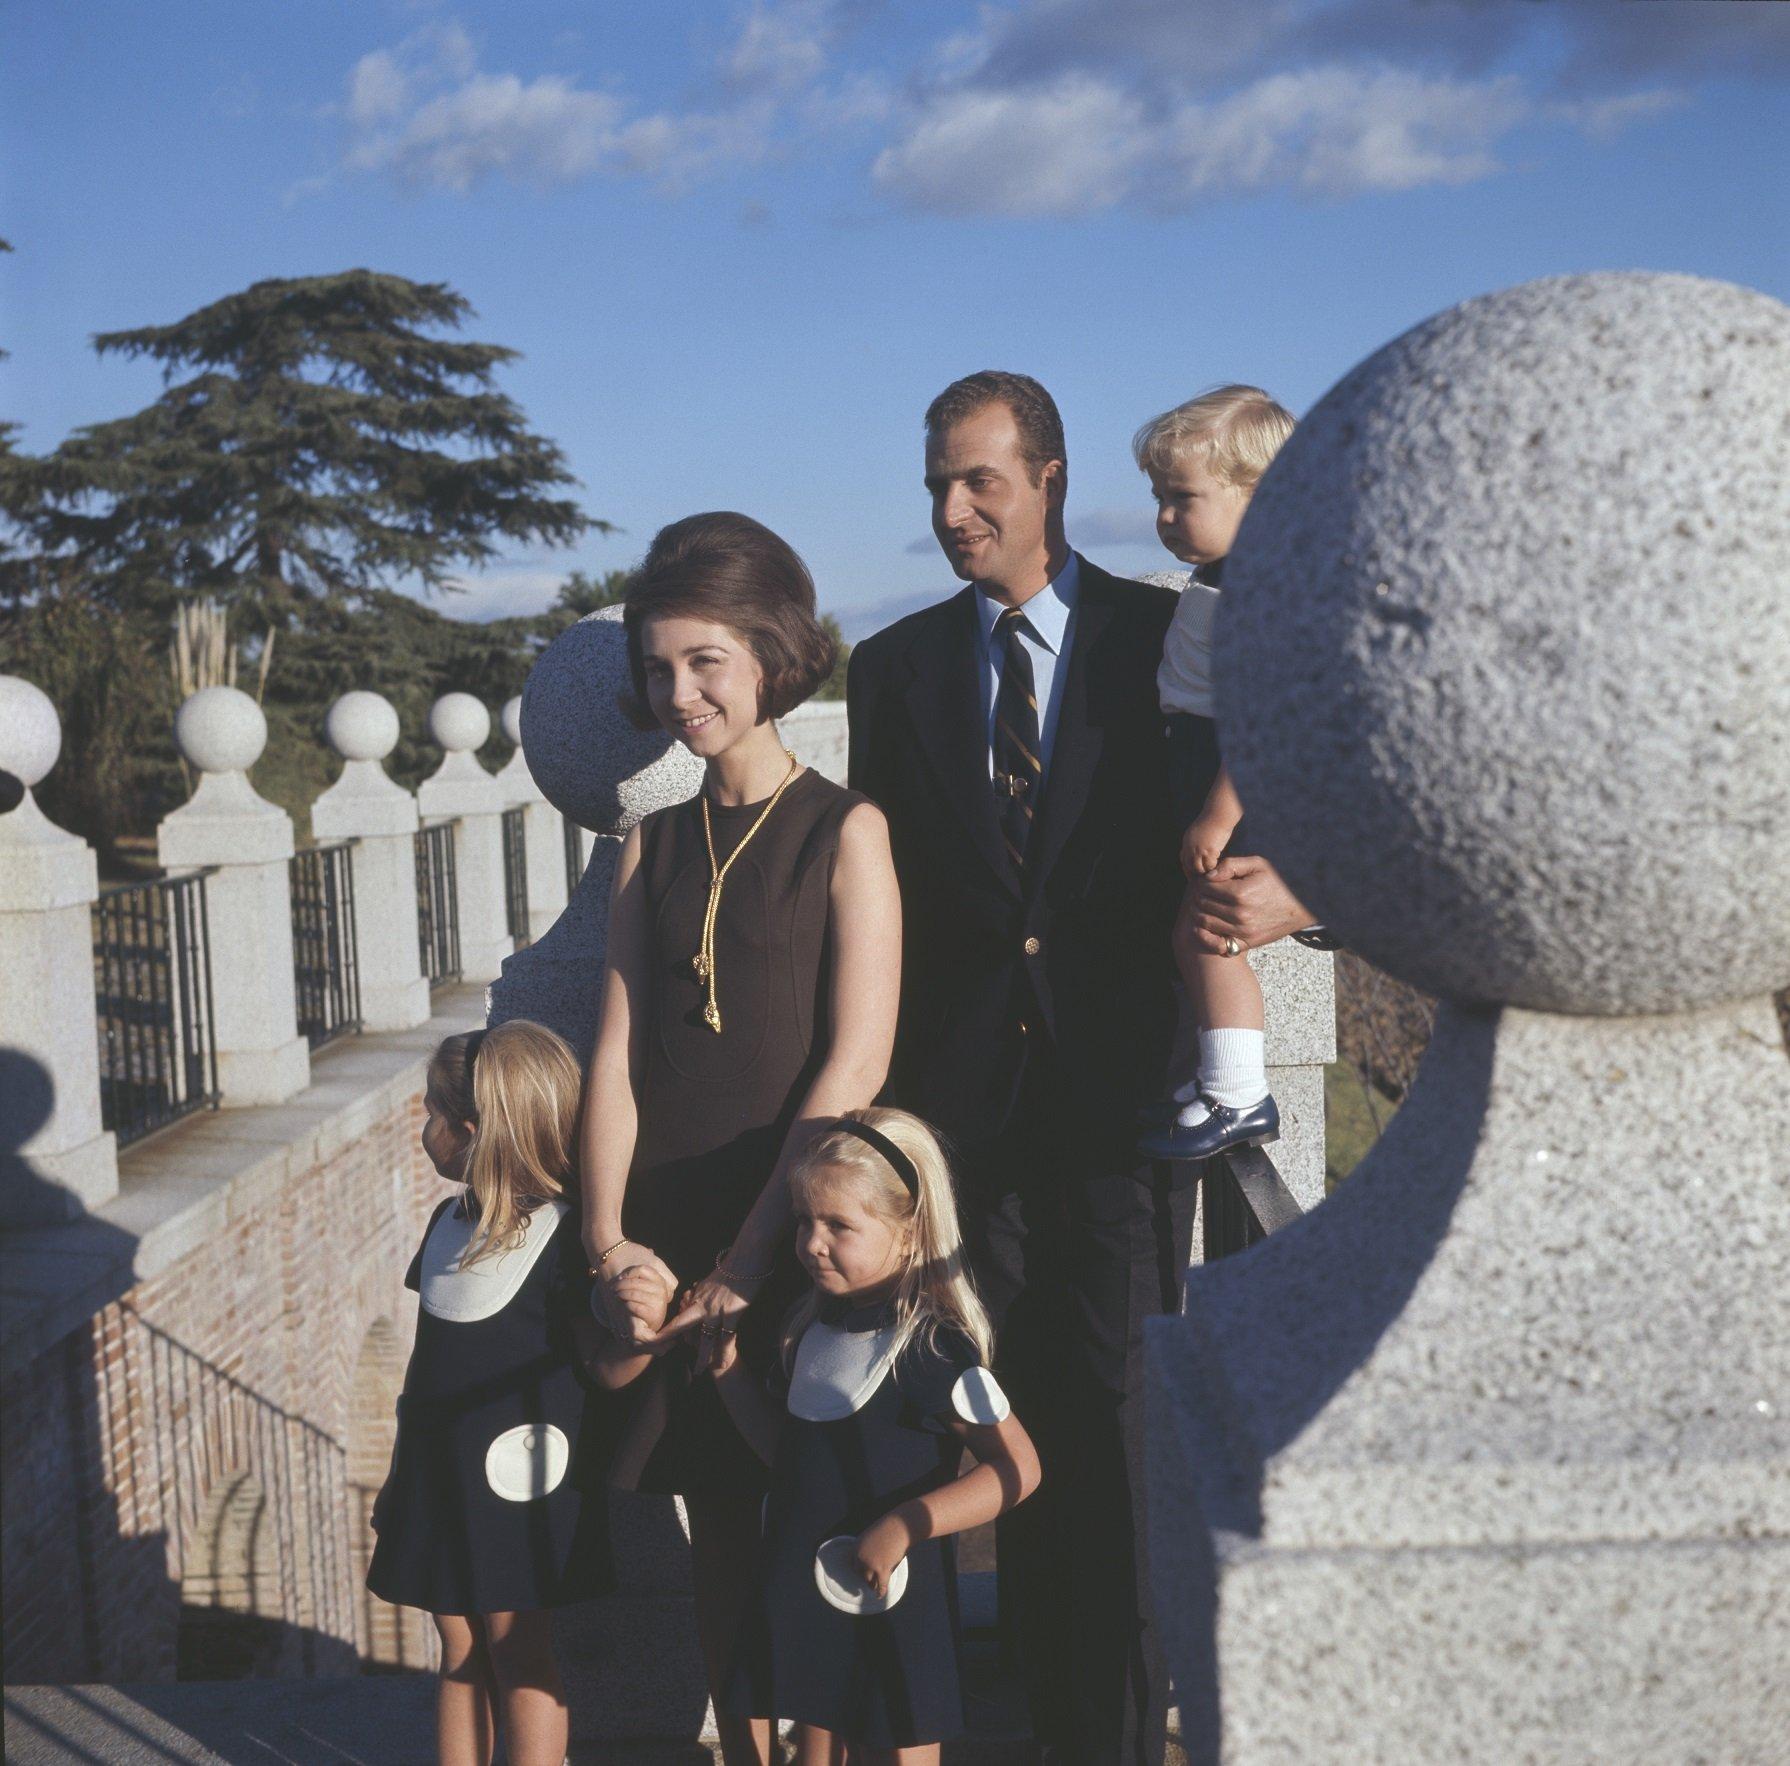 Príncipe Juan Carlos y Princesa Sofía (posteriores Rey Juan Carlos y Reina Sofía de España) con sus hijos Elena, Cristina y Felipe (posterior Rey Felipe VI de España), en 1969. || Fuente: Getty Images